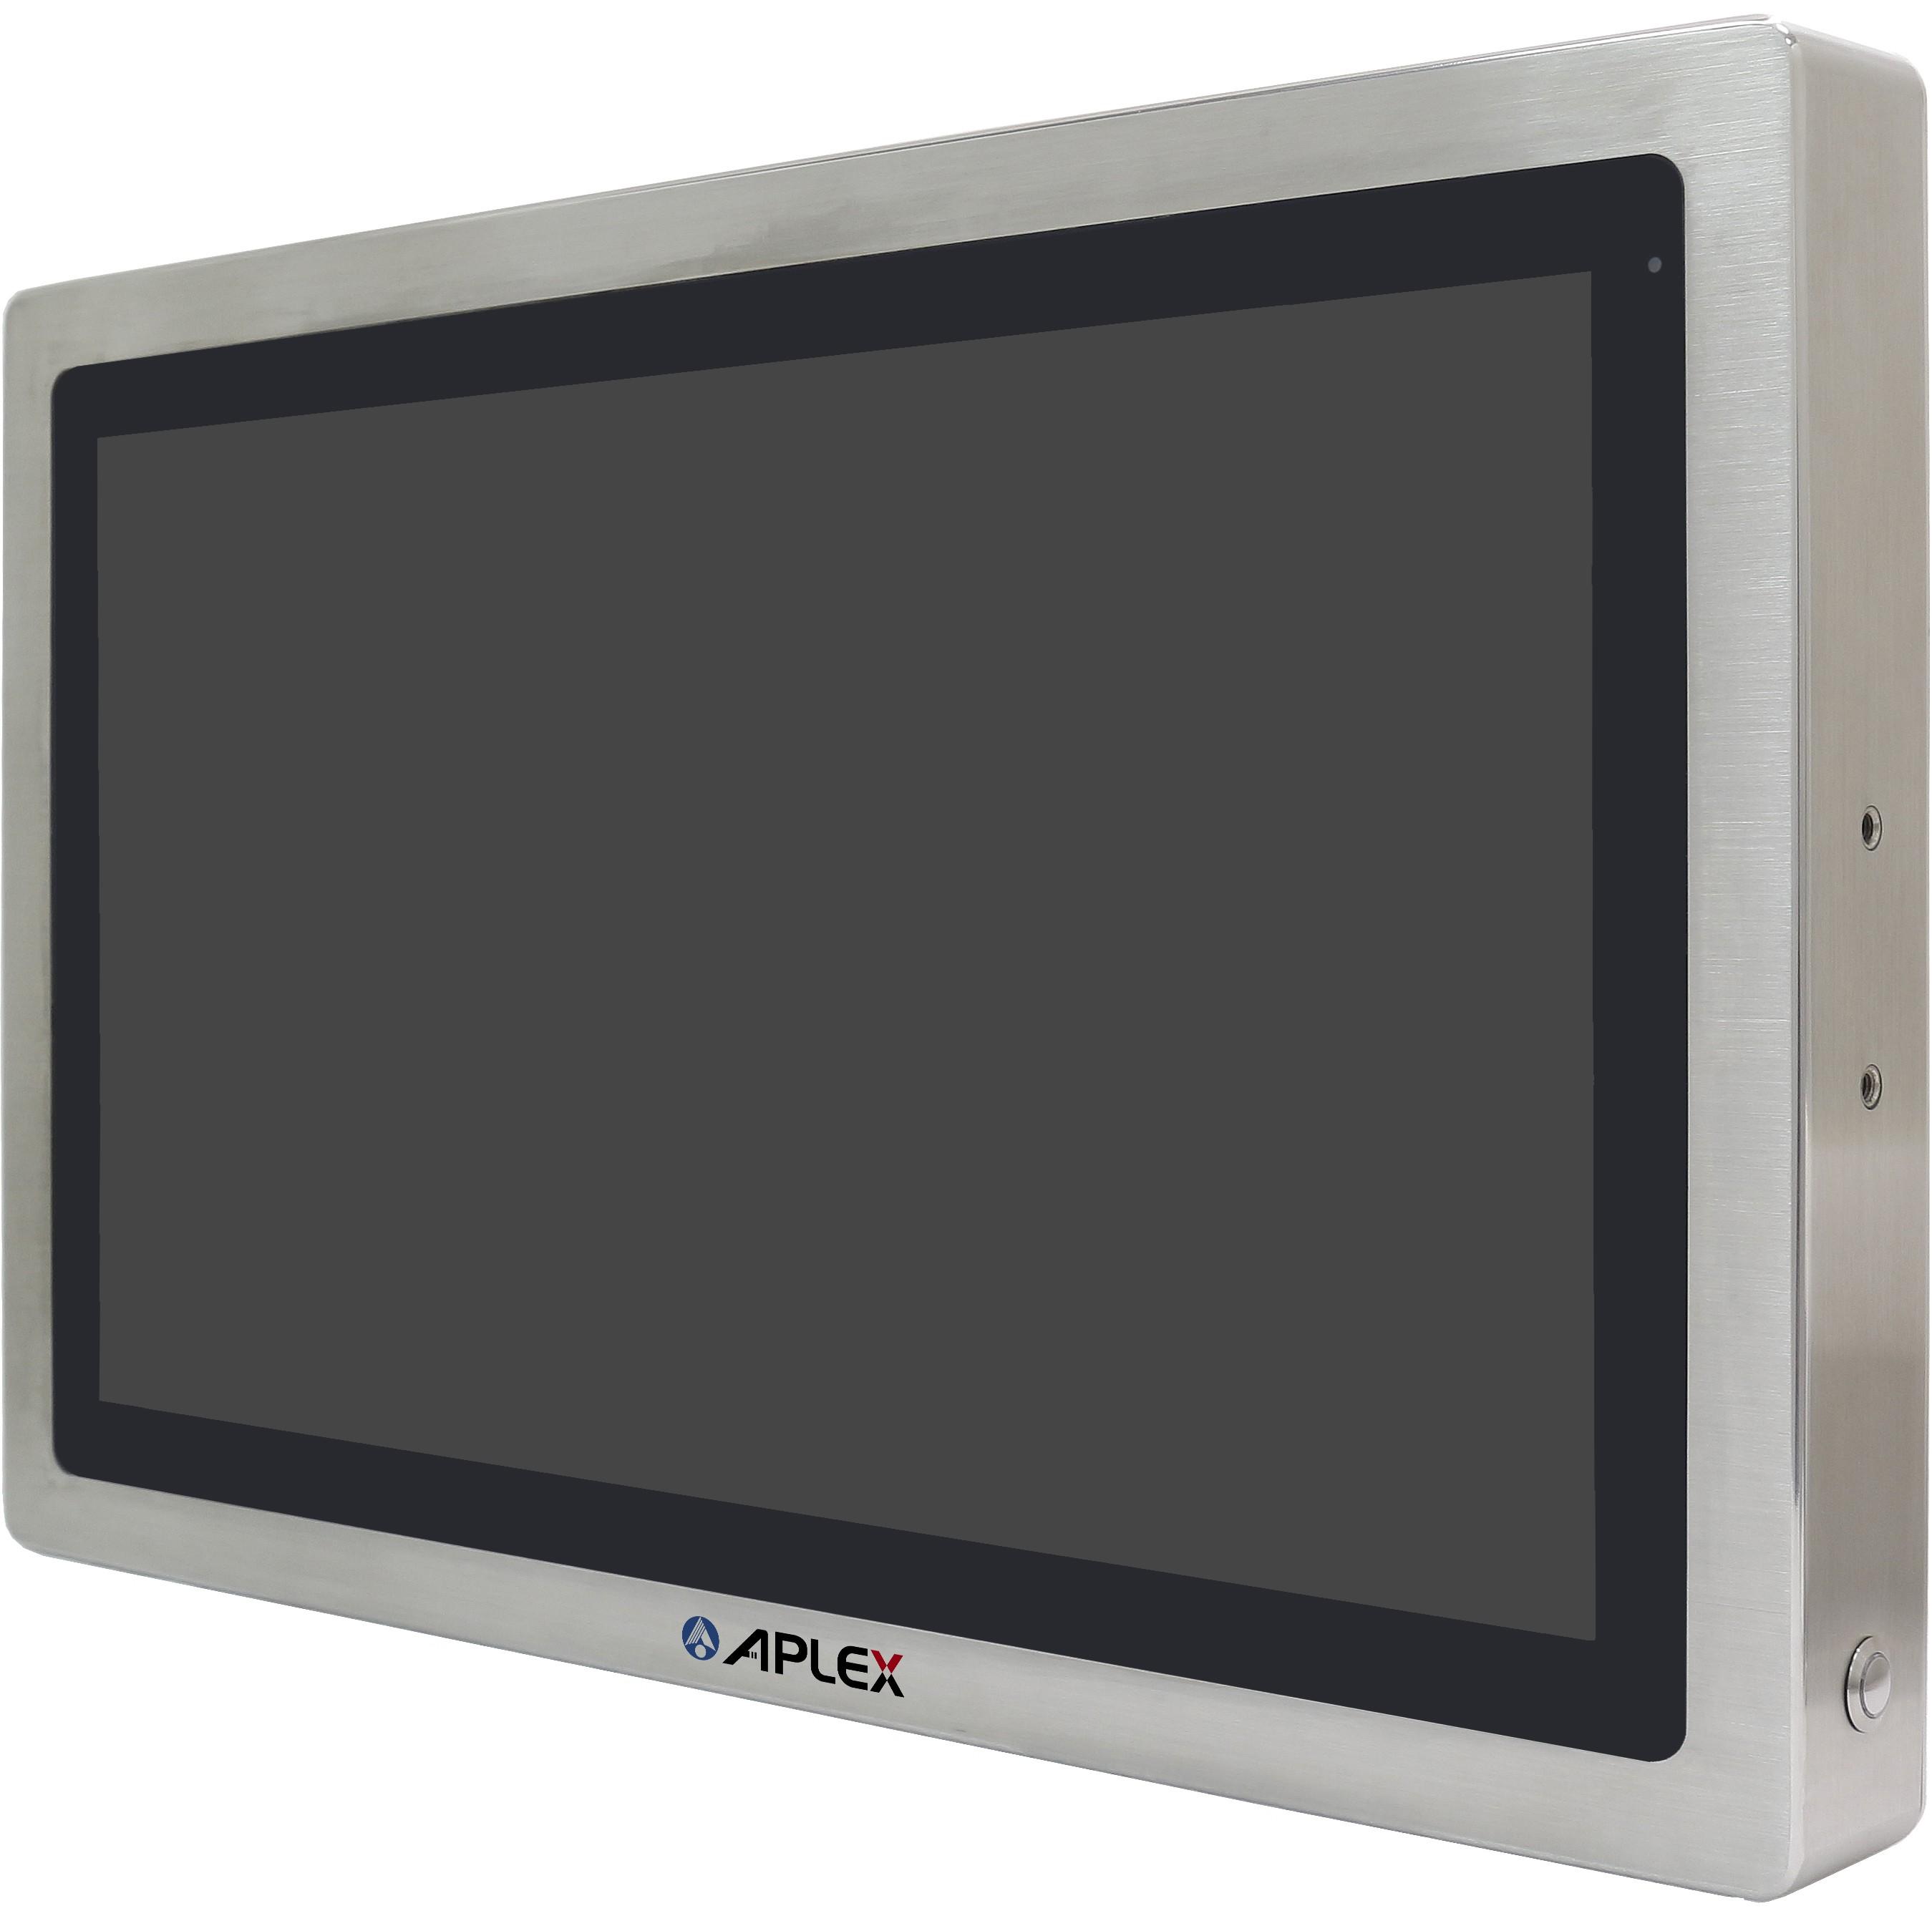 IP66/IP69K防塵防水不鏽鋼工業電腦 / 維田科技股份有限公司